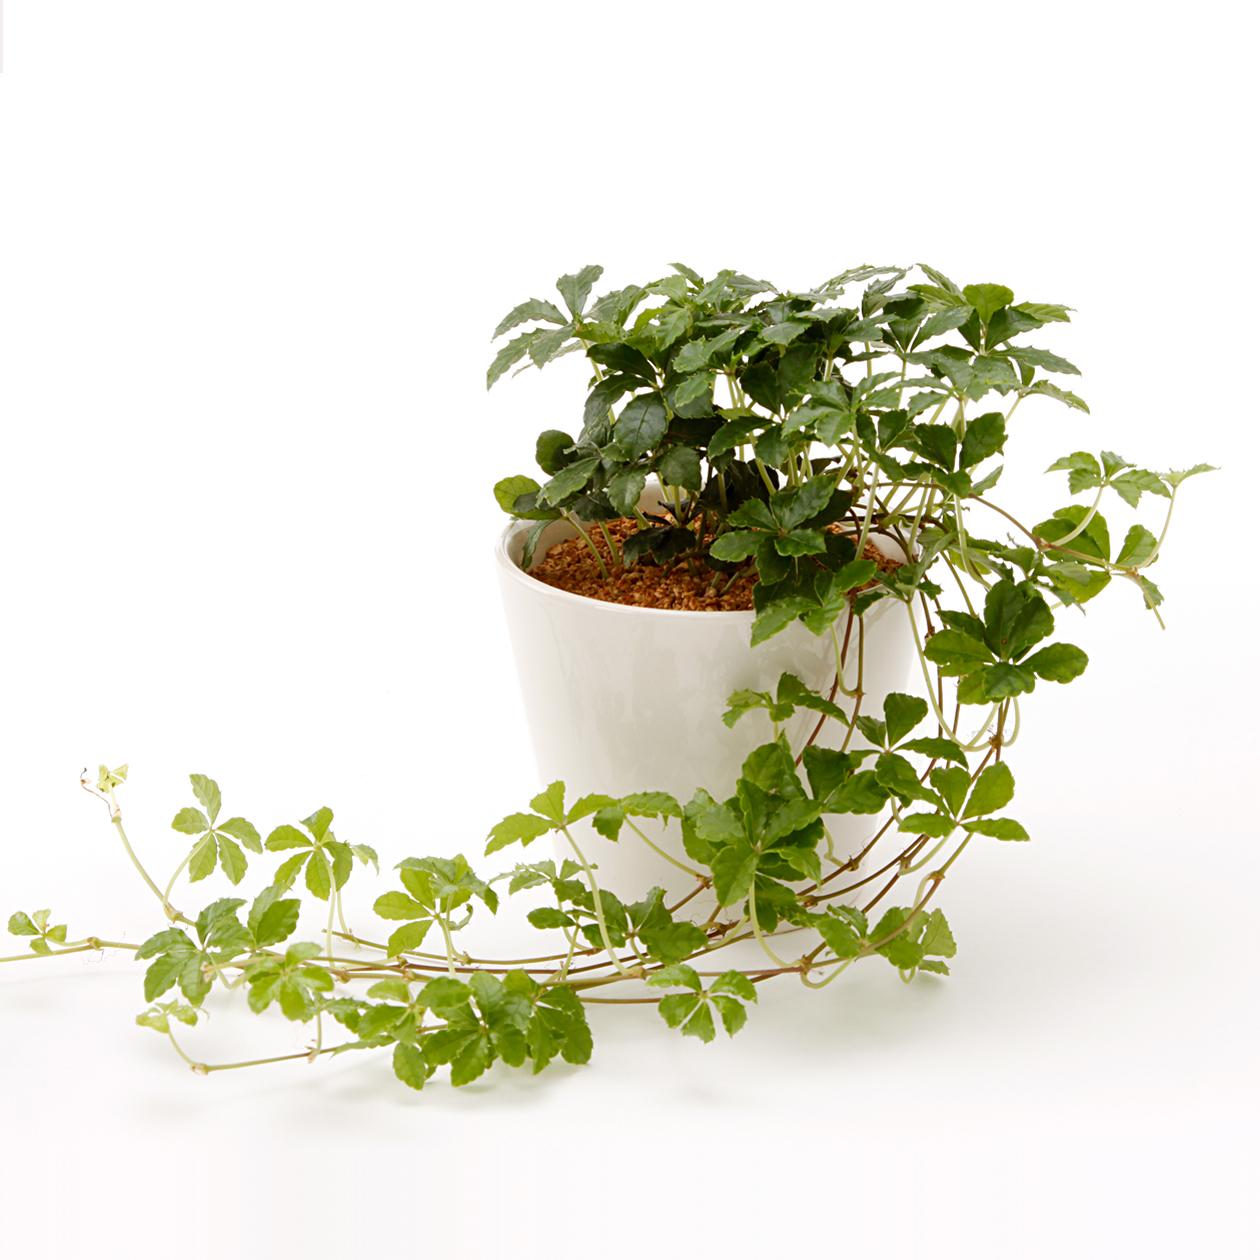 可愛らしい観葉植物、シュガーバインでインテリアを楽しみましょう!のサムネイル画像